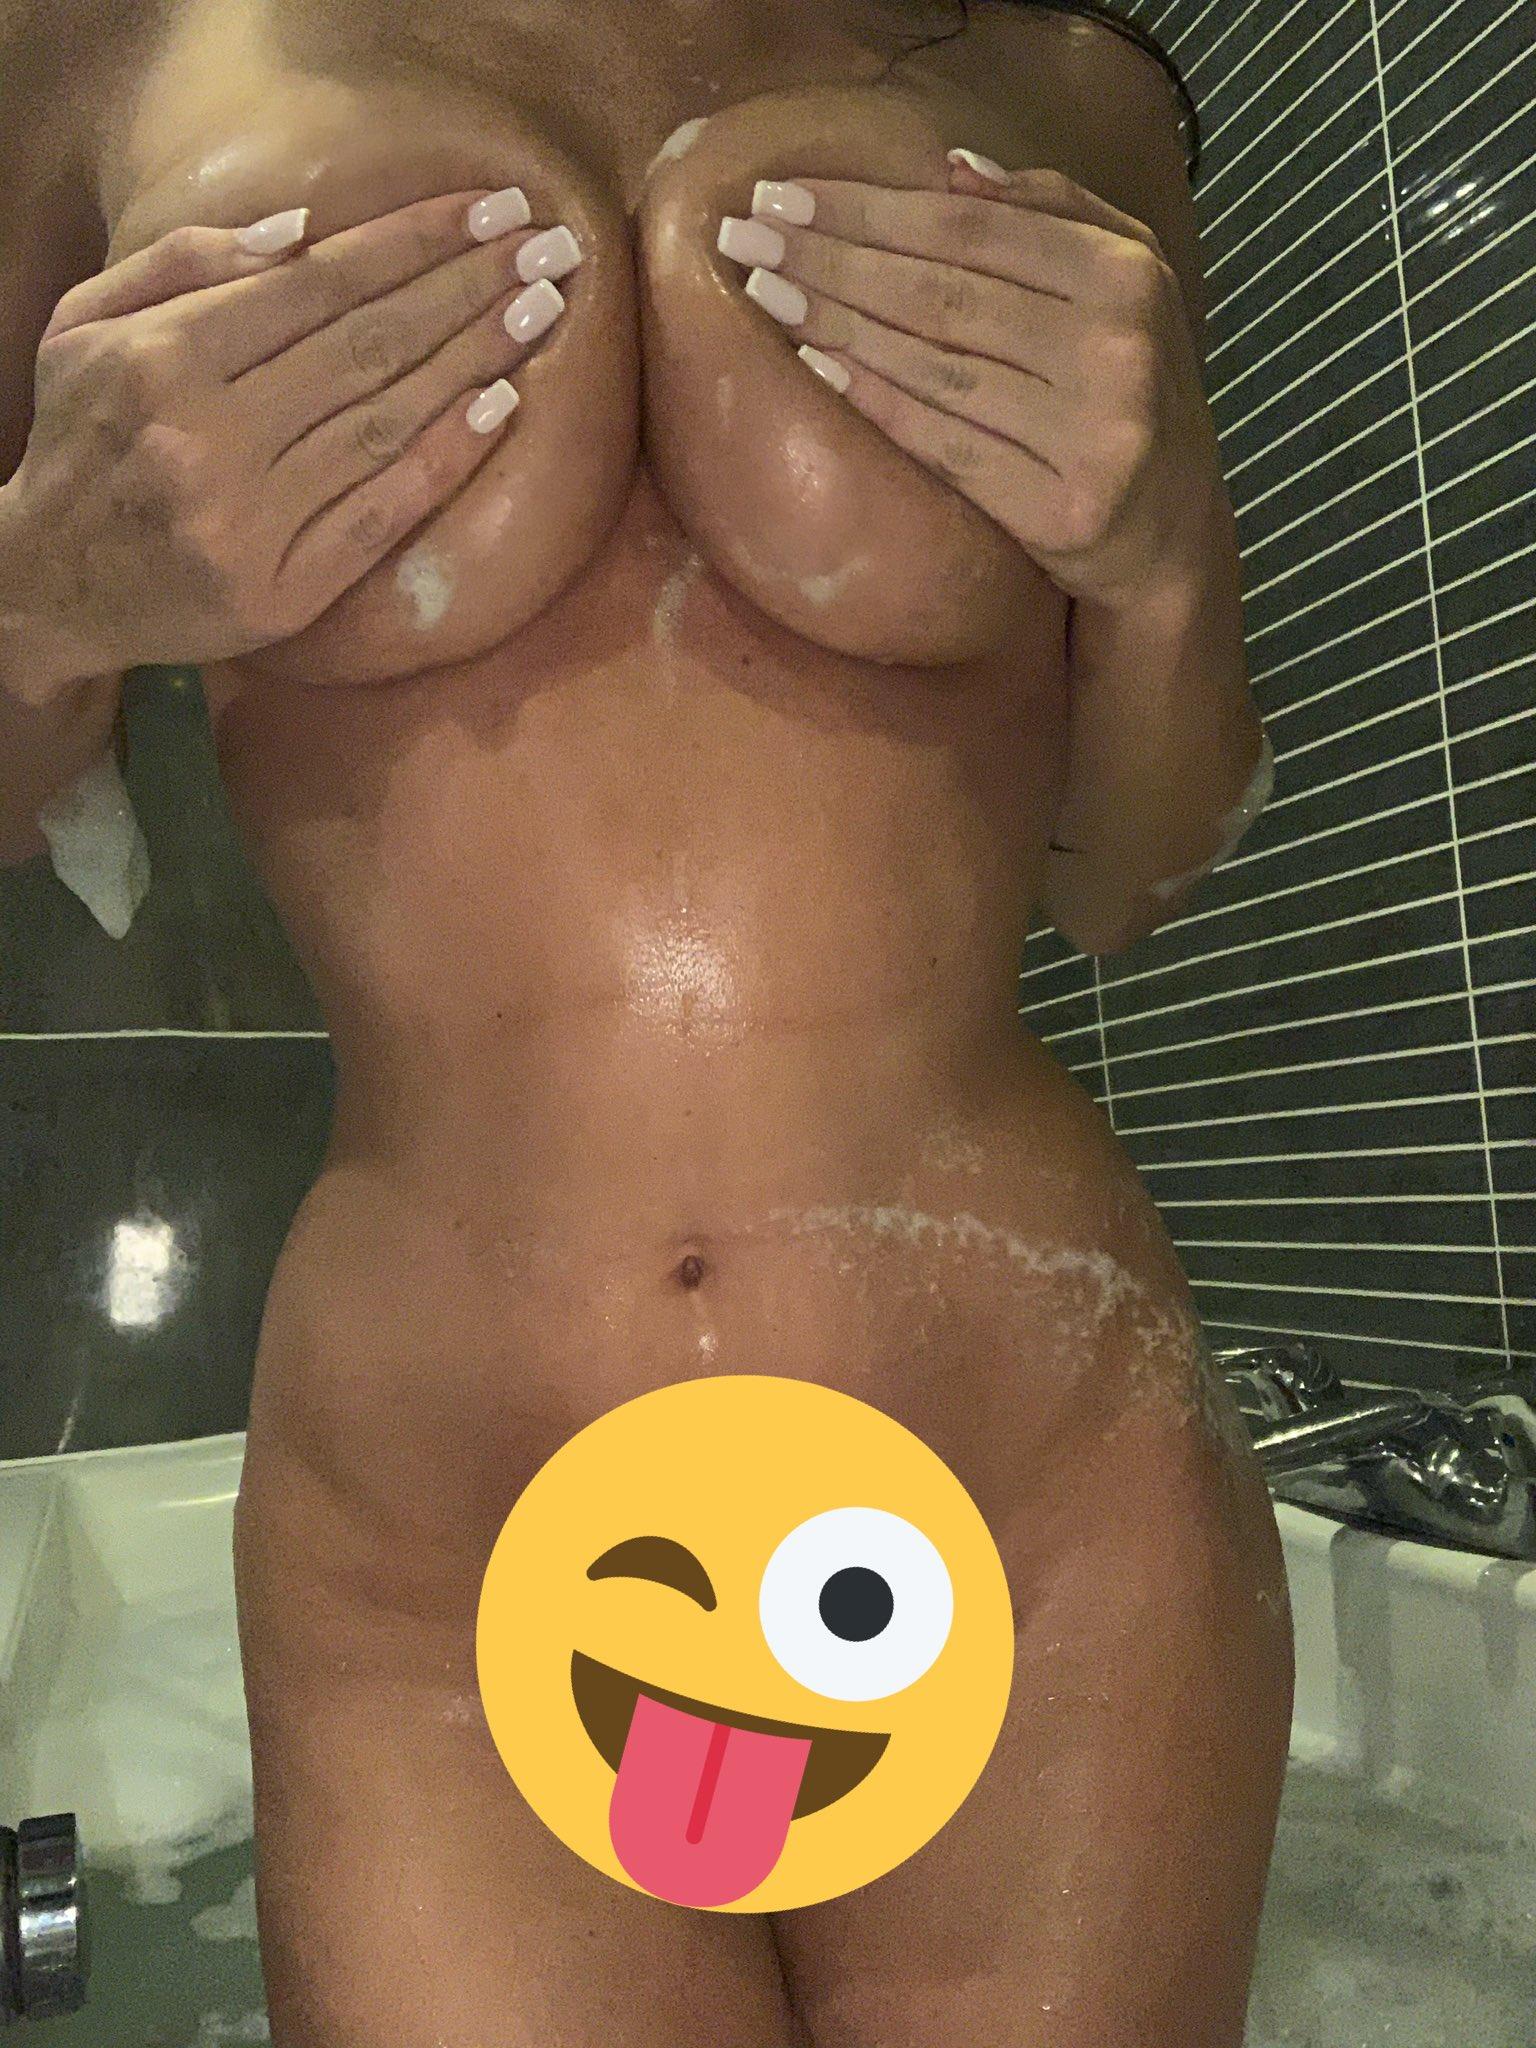 Xalicegoodwinx Nude Onlyfans Leaked 0019